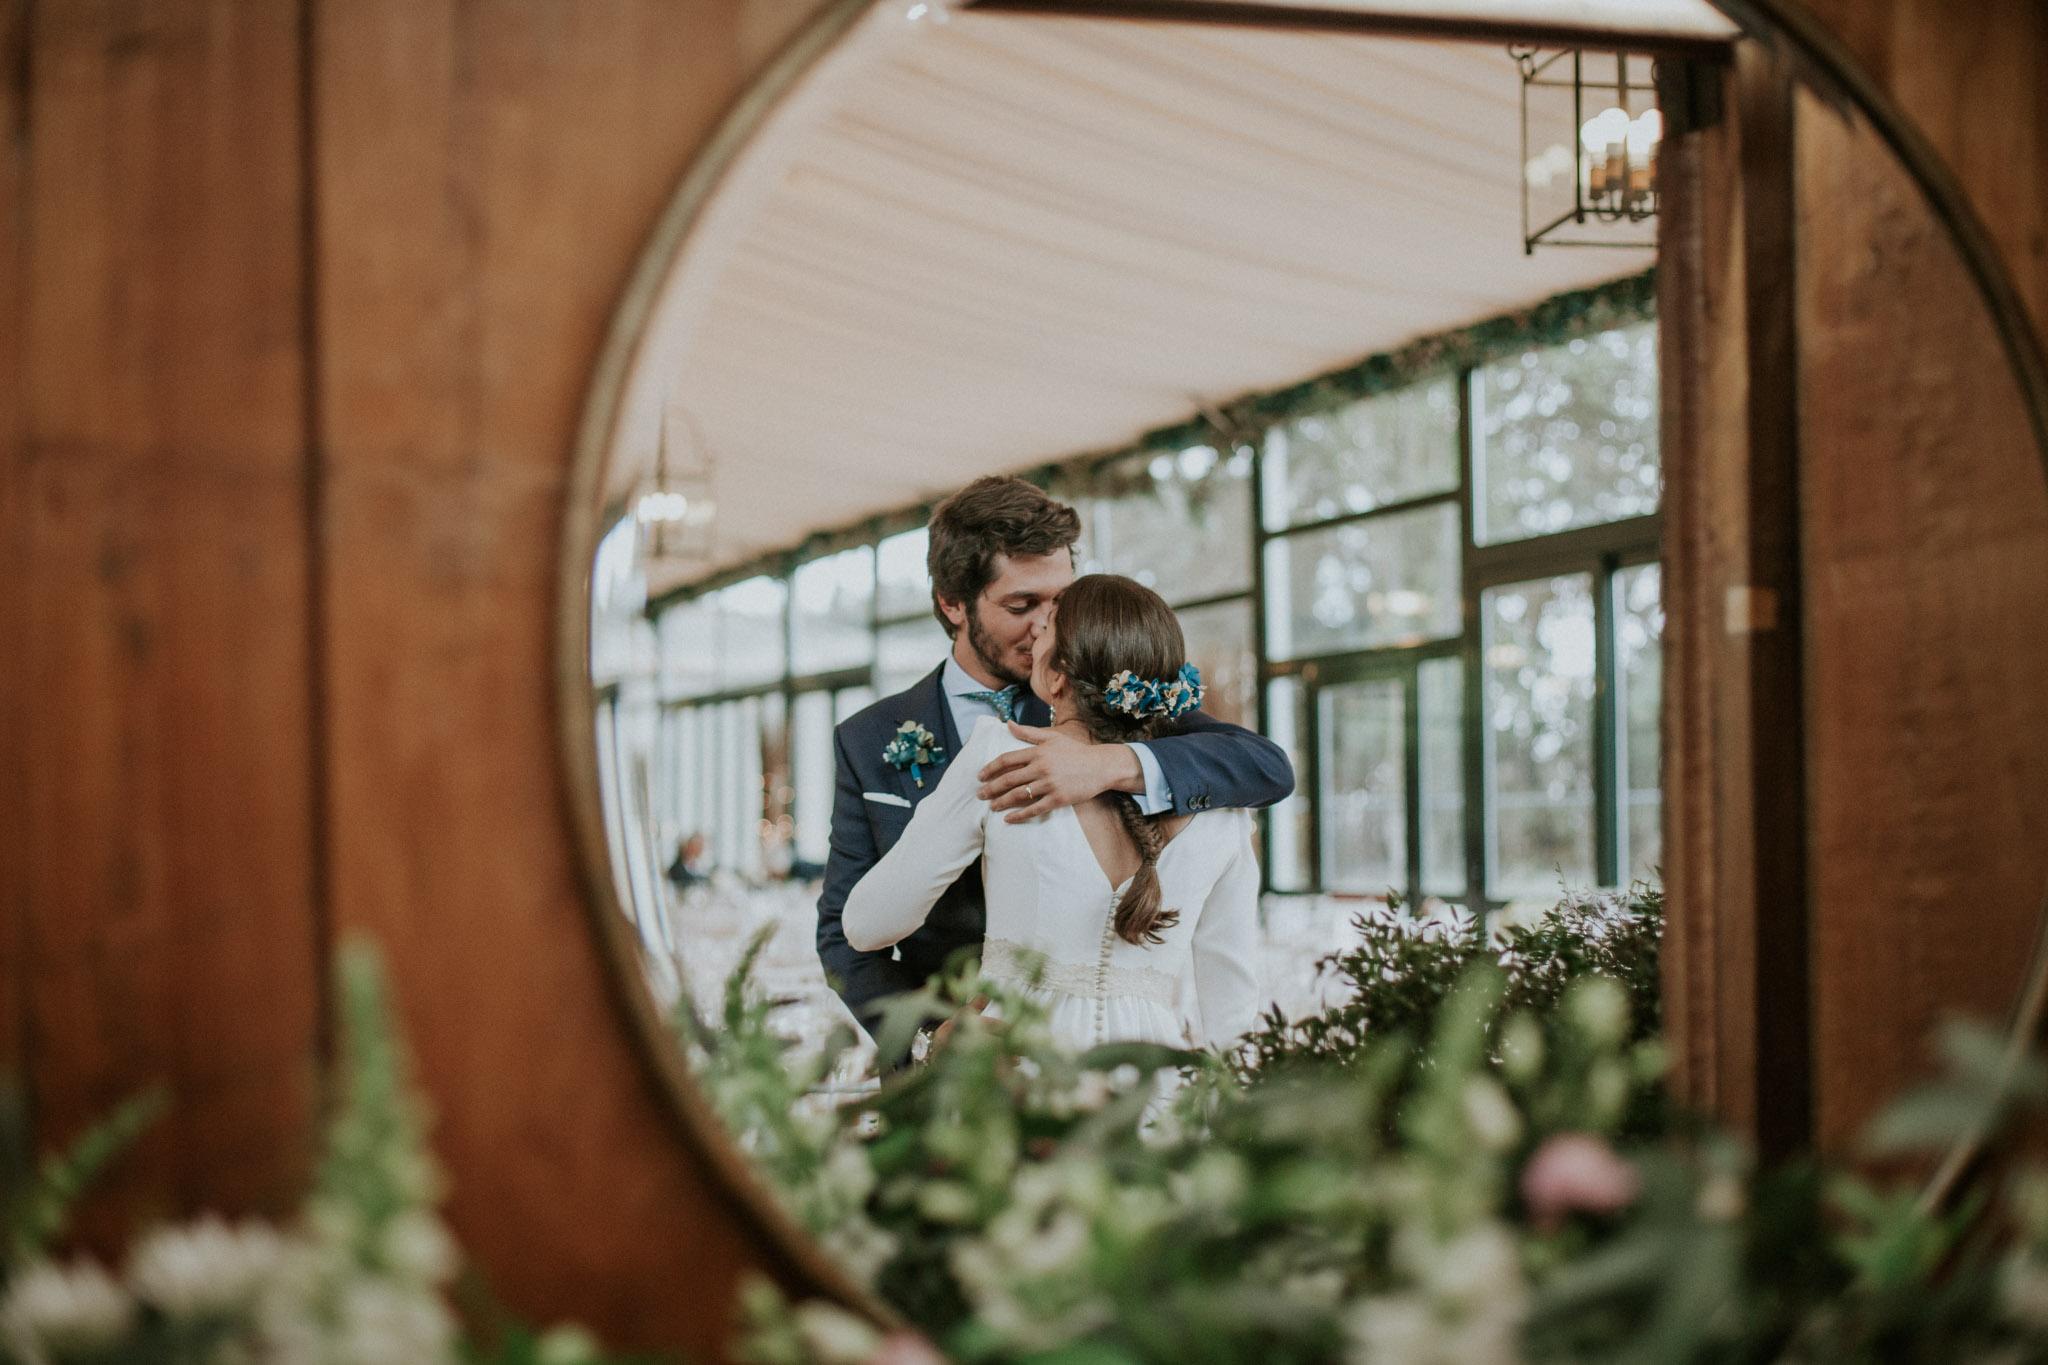 fotografia-boda-luguille-concorazon-120